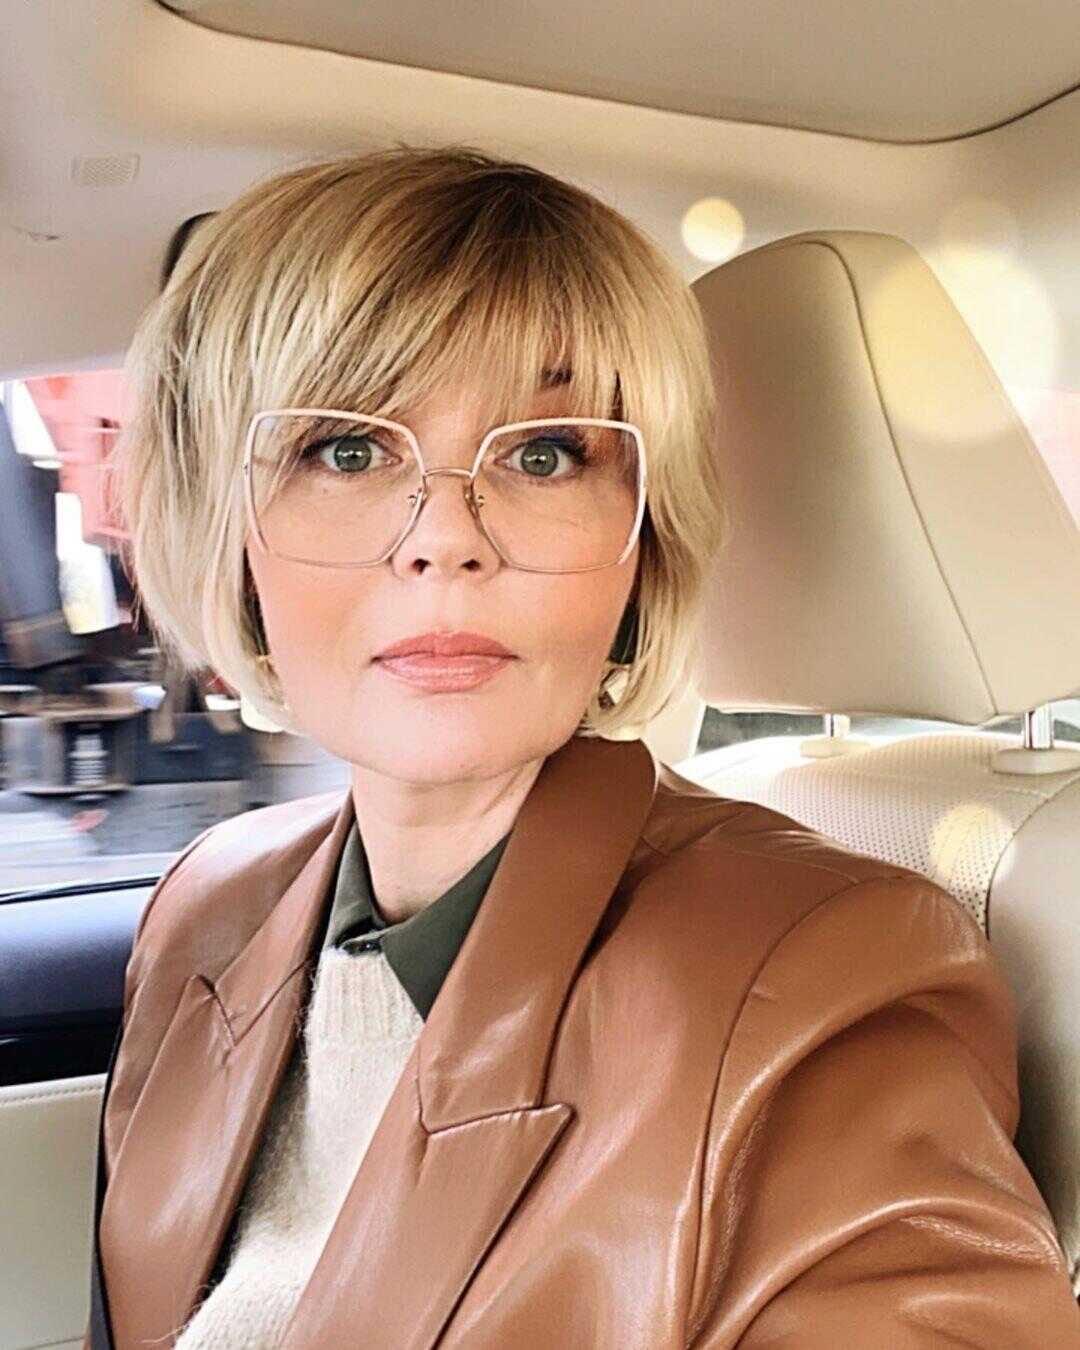 «Не видела этой любви»: Юлия Меньшова призналась, что испытывала серьезные сложности в общении со знаменитым отцом